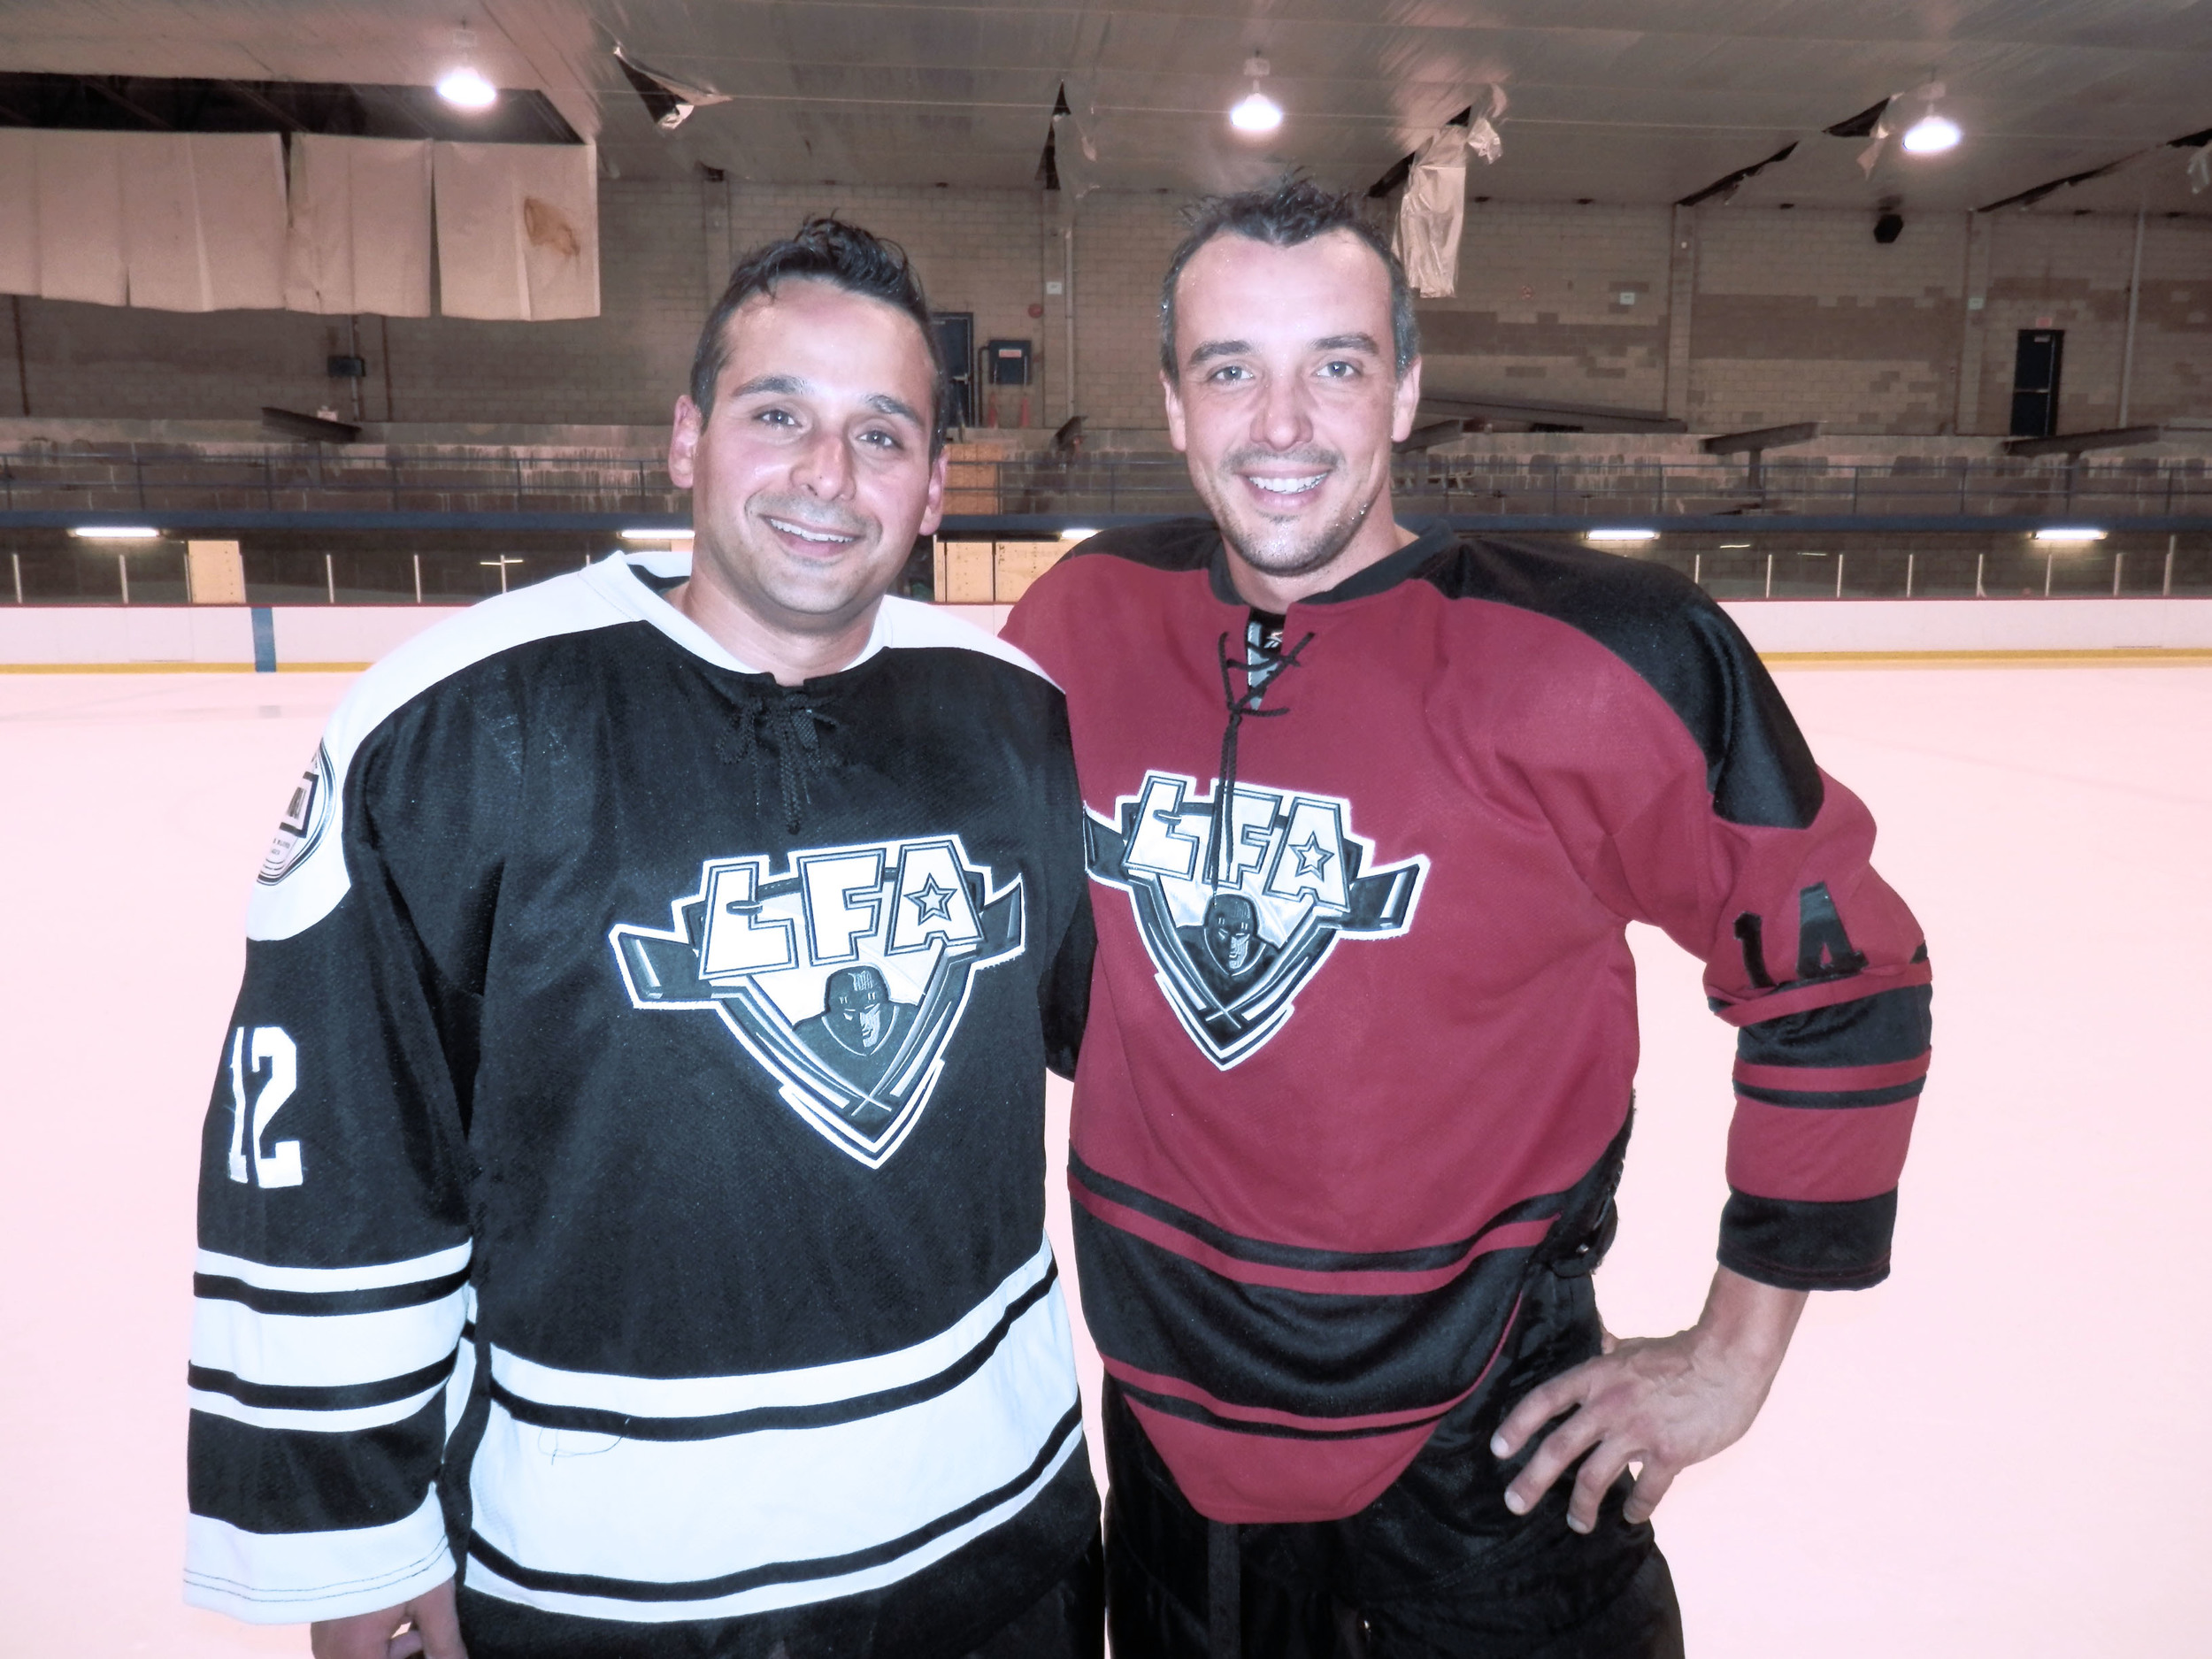 Derek Melo commanditaire des Cabane Loggers et François ¨Poirier commanditaire des Tomahawks de rouge horizon après leur match de samedi.